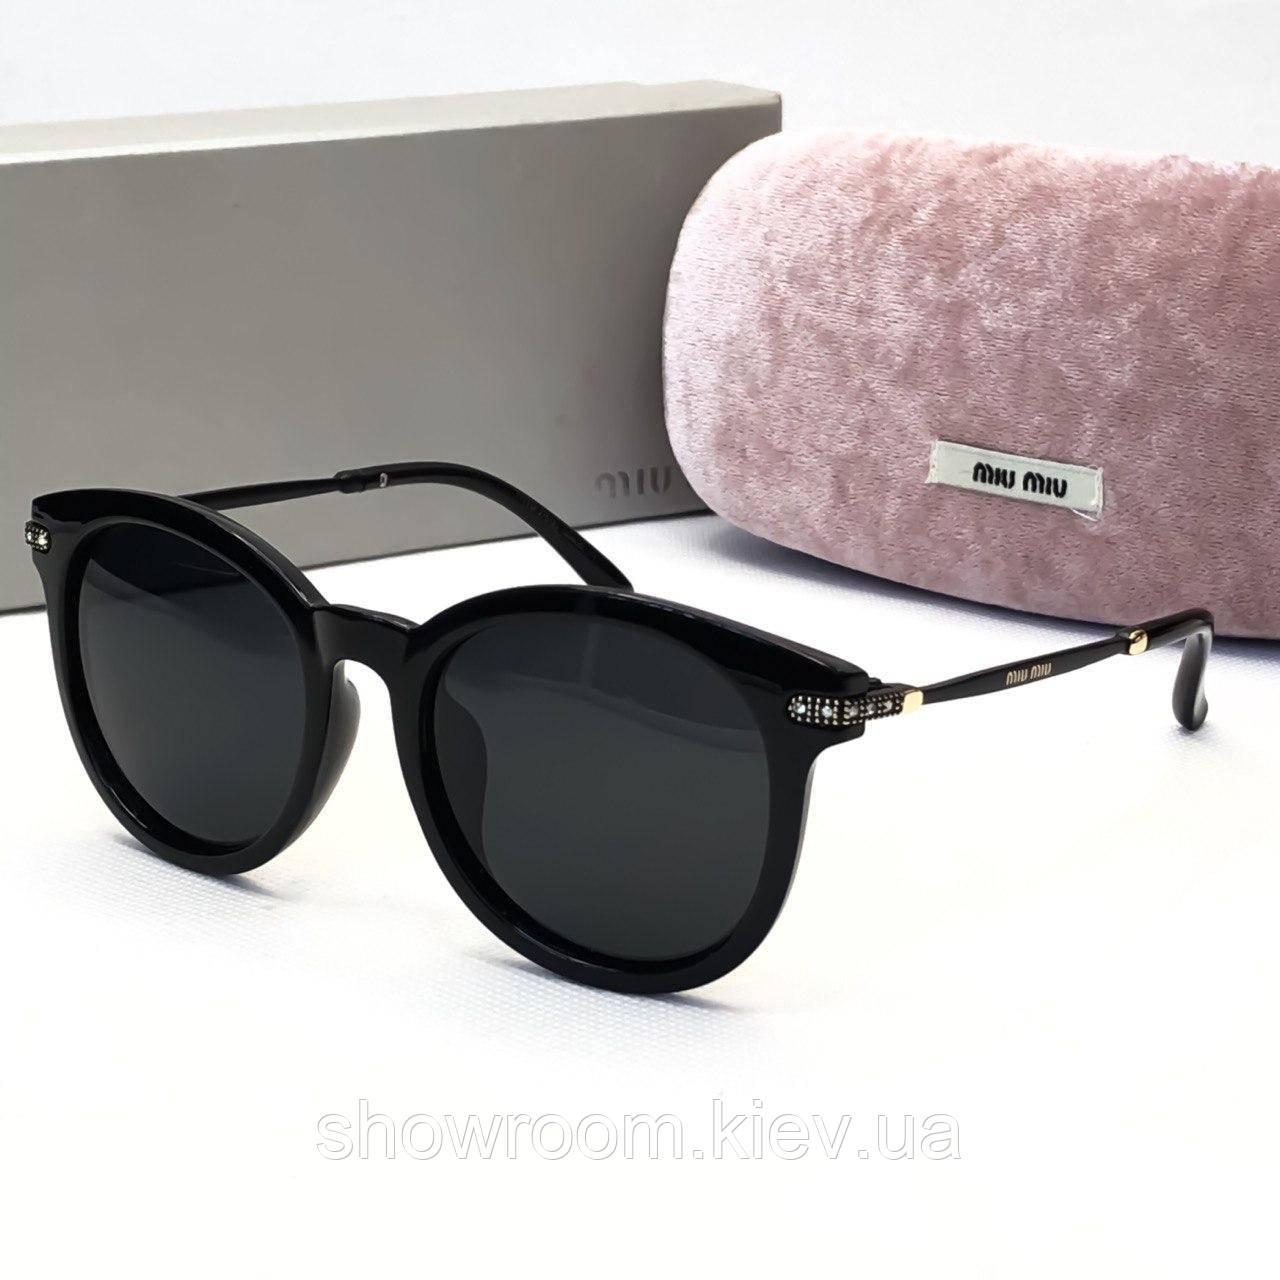 Солнцезащитные очки в стиле Miu Miu (2173) black